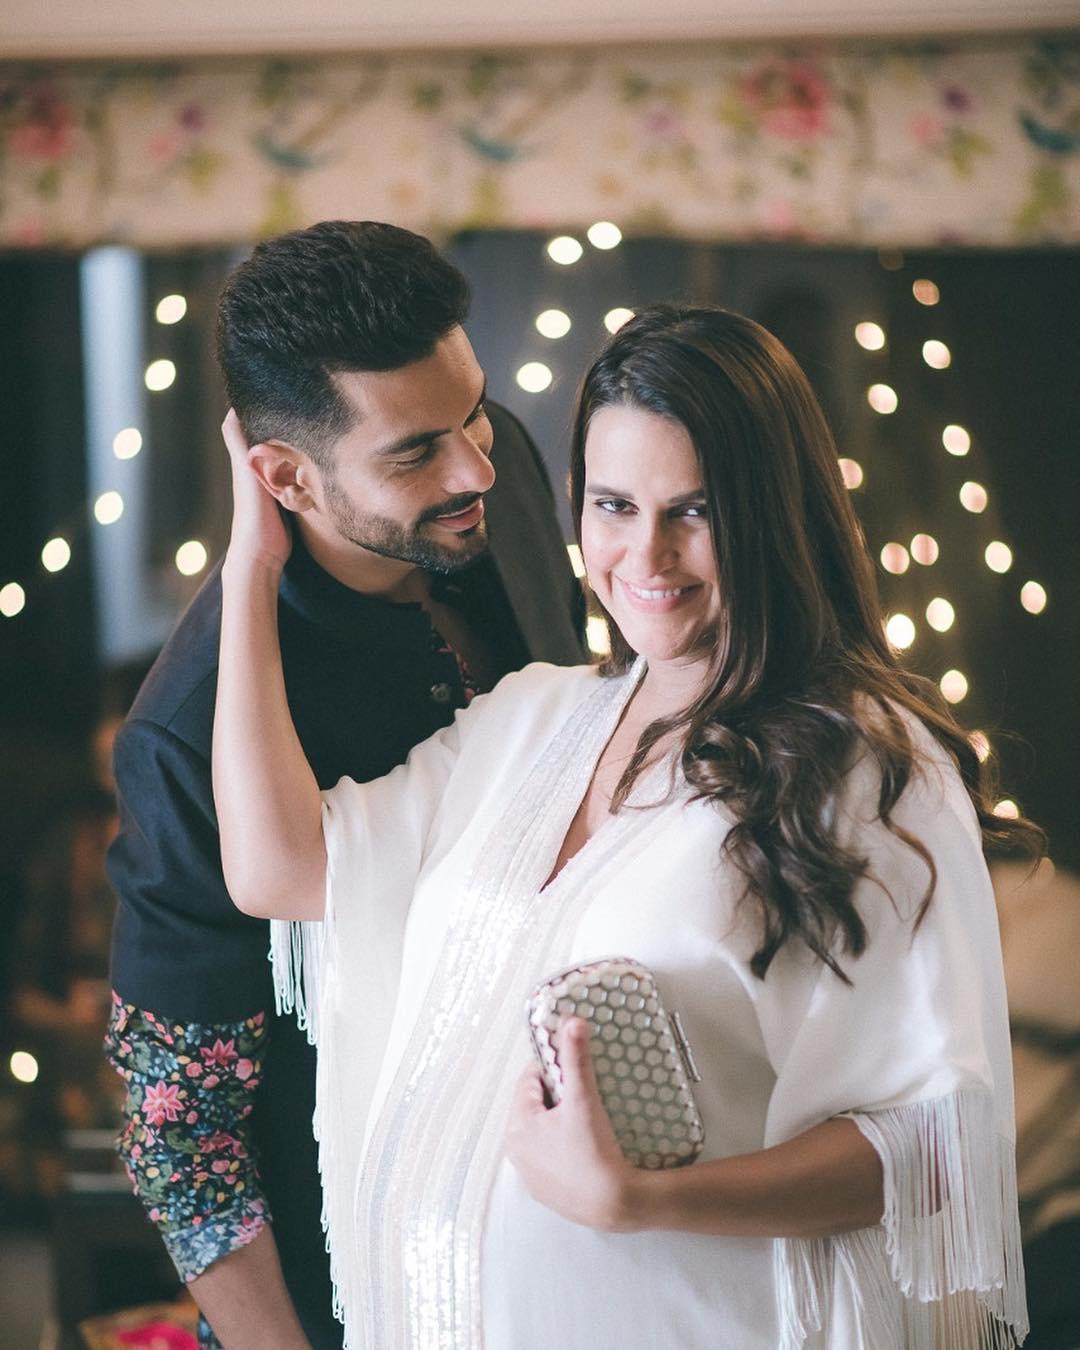 अंगद ने अपनी पत्नी नेहा के शो '' में आकर ही शादी से पहले प्रेग्नेंसी की बात स्वीकार की थी. जब नेहा ने पूछा कि घरवालों को शादी के लिए मनाना कैसा था तो अंगद ने पूरी बात खुल कर बताई थी.